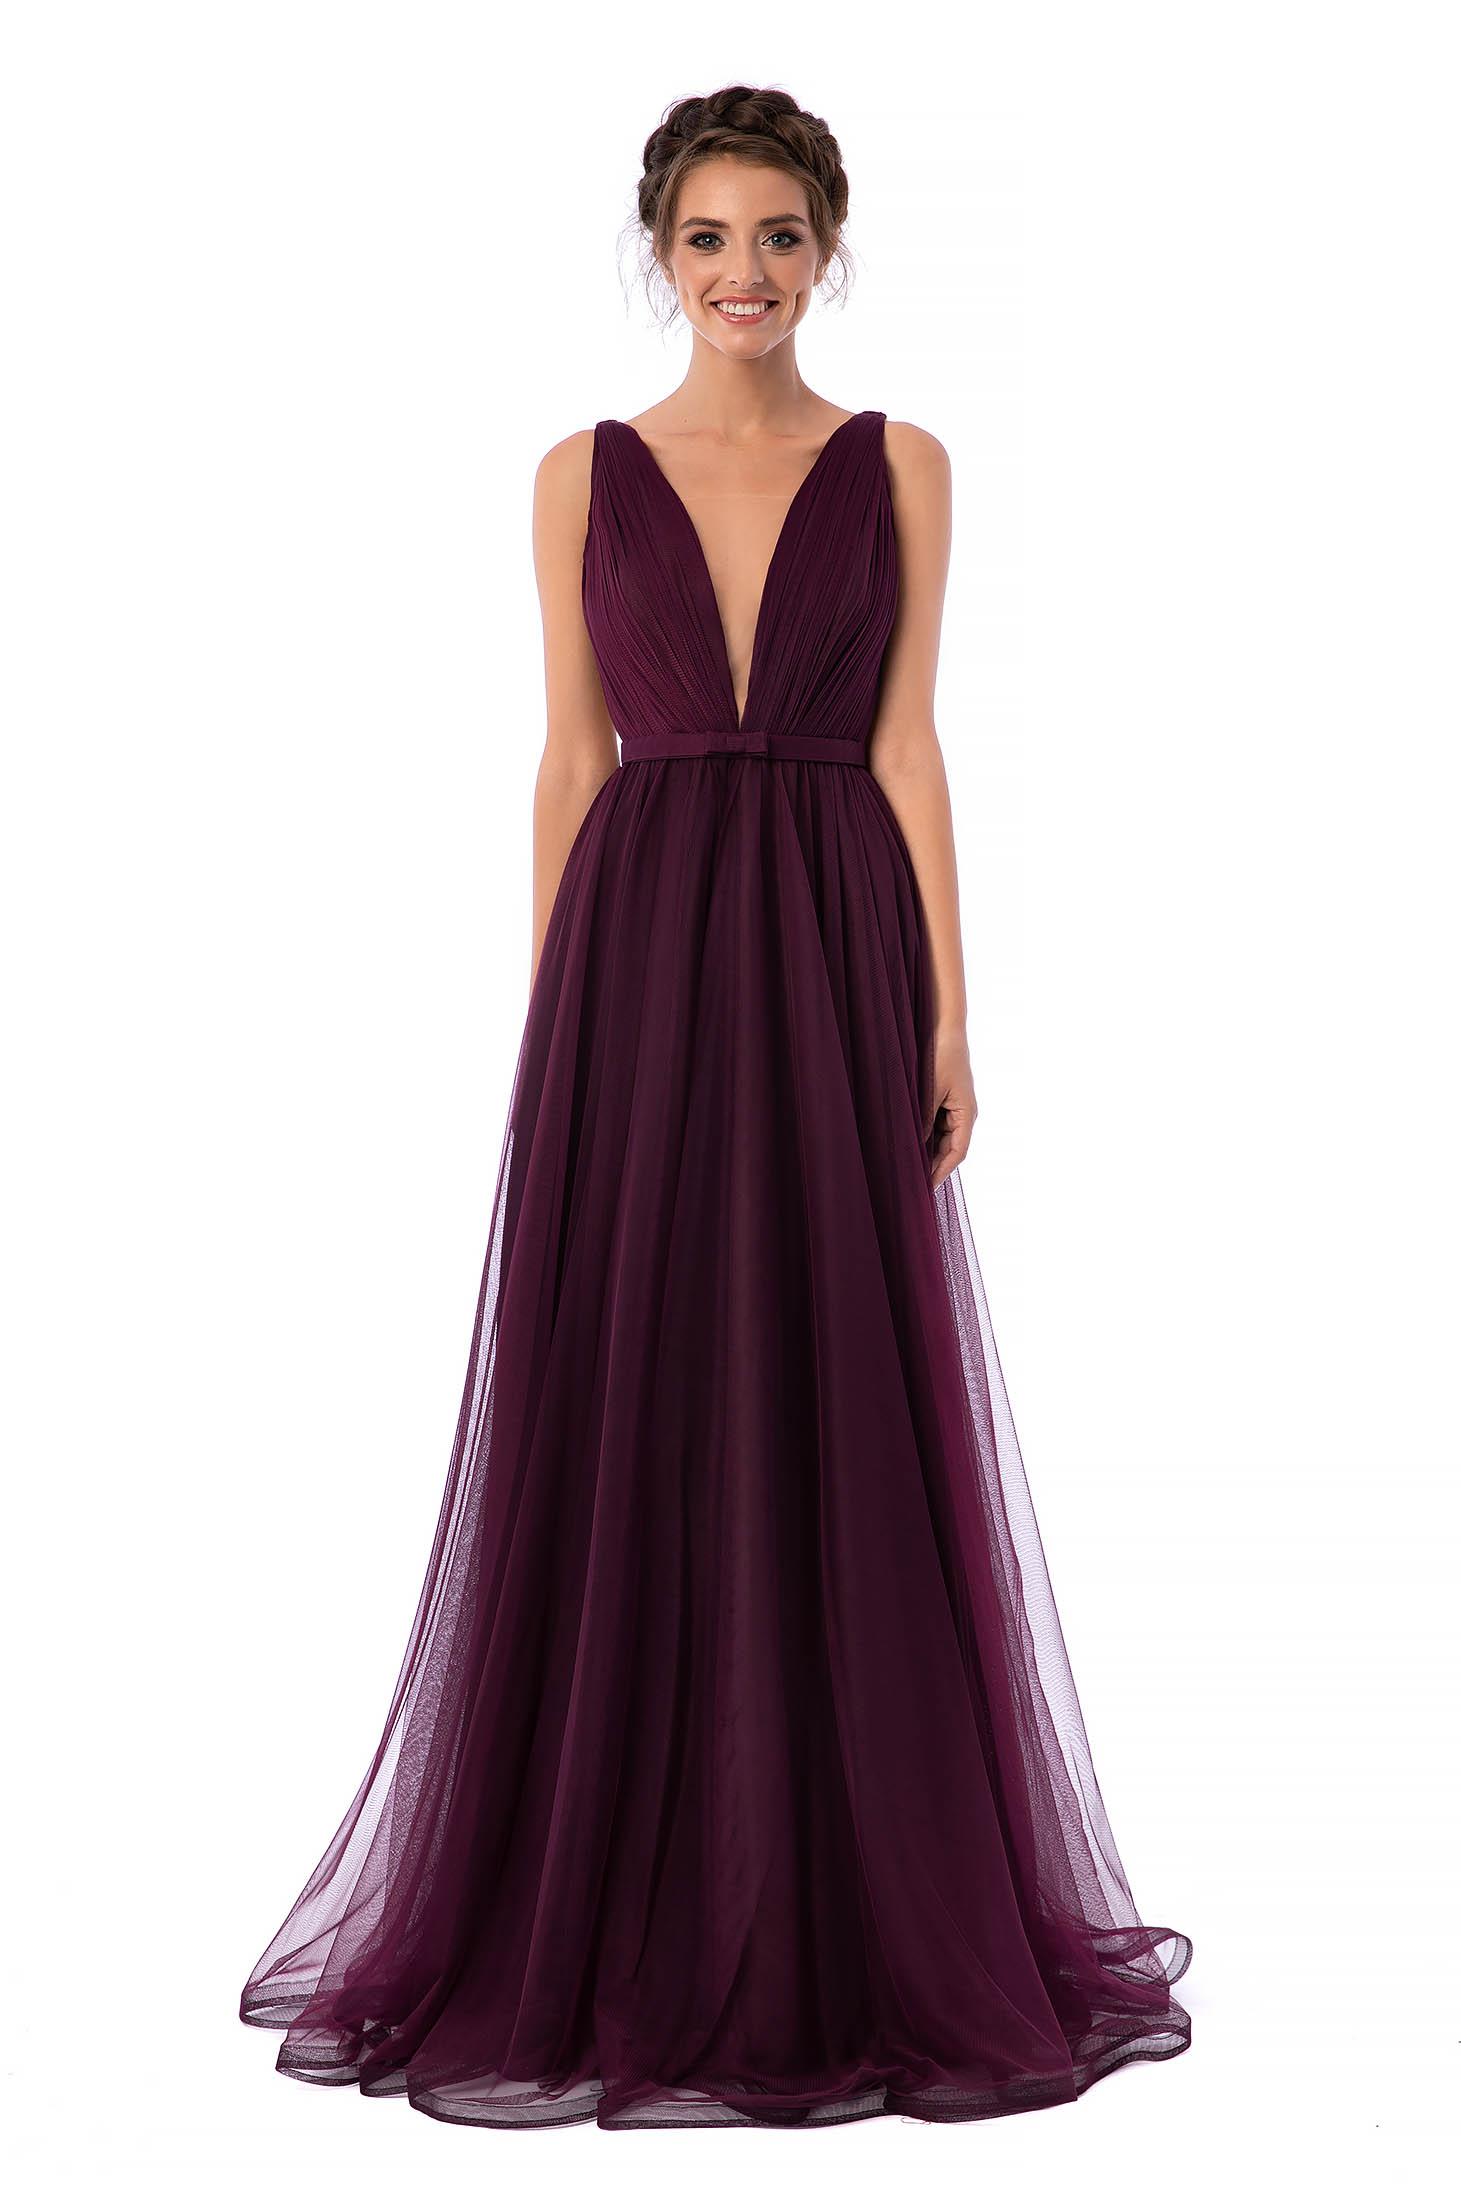 Ana Radu occasional net purple dress with v-neckline bow accessory